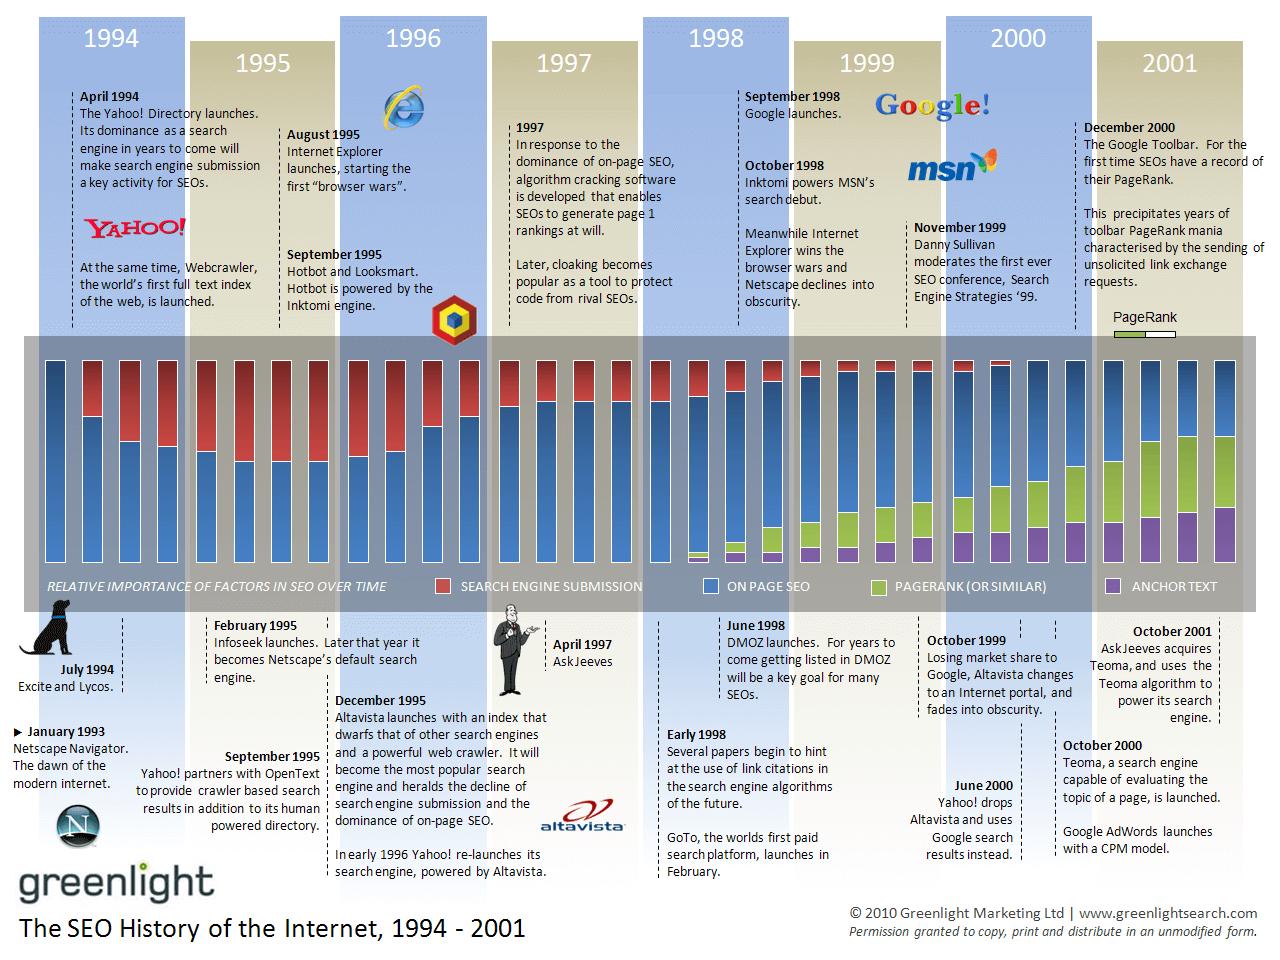 histoire-du-seo-1994-2001